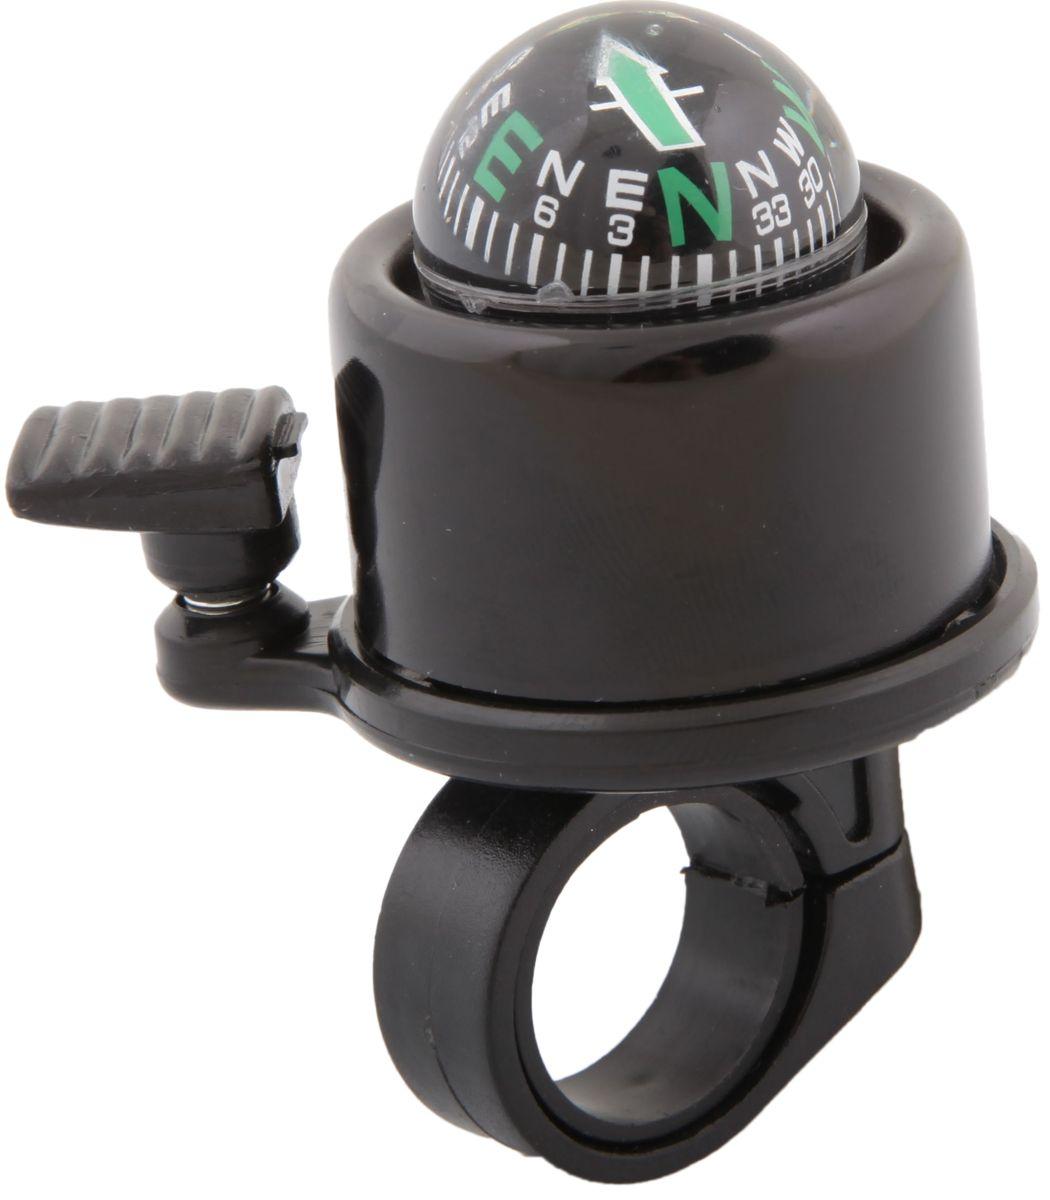 Звонок велосипедный STG 14A-05, с компасомХ47242Звонок STG 11A-06B, выполненный из высококачественных материалов, оснащен компасом. Изделие поможет предупредить пешеходов и других велосипедистов о вашем приближении, а также обеспечить безопасность вашего движения. Звонок предназначен для крепления на руль и подойдет не только для велосипедов, но и для самокатов.